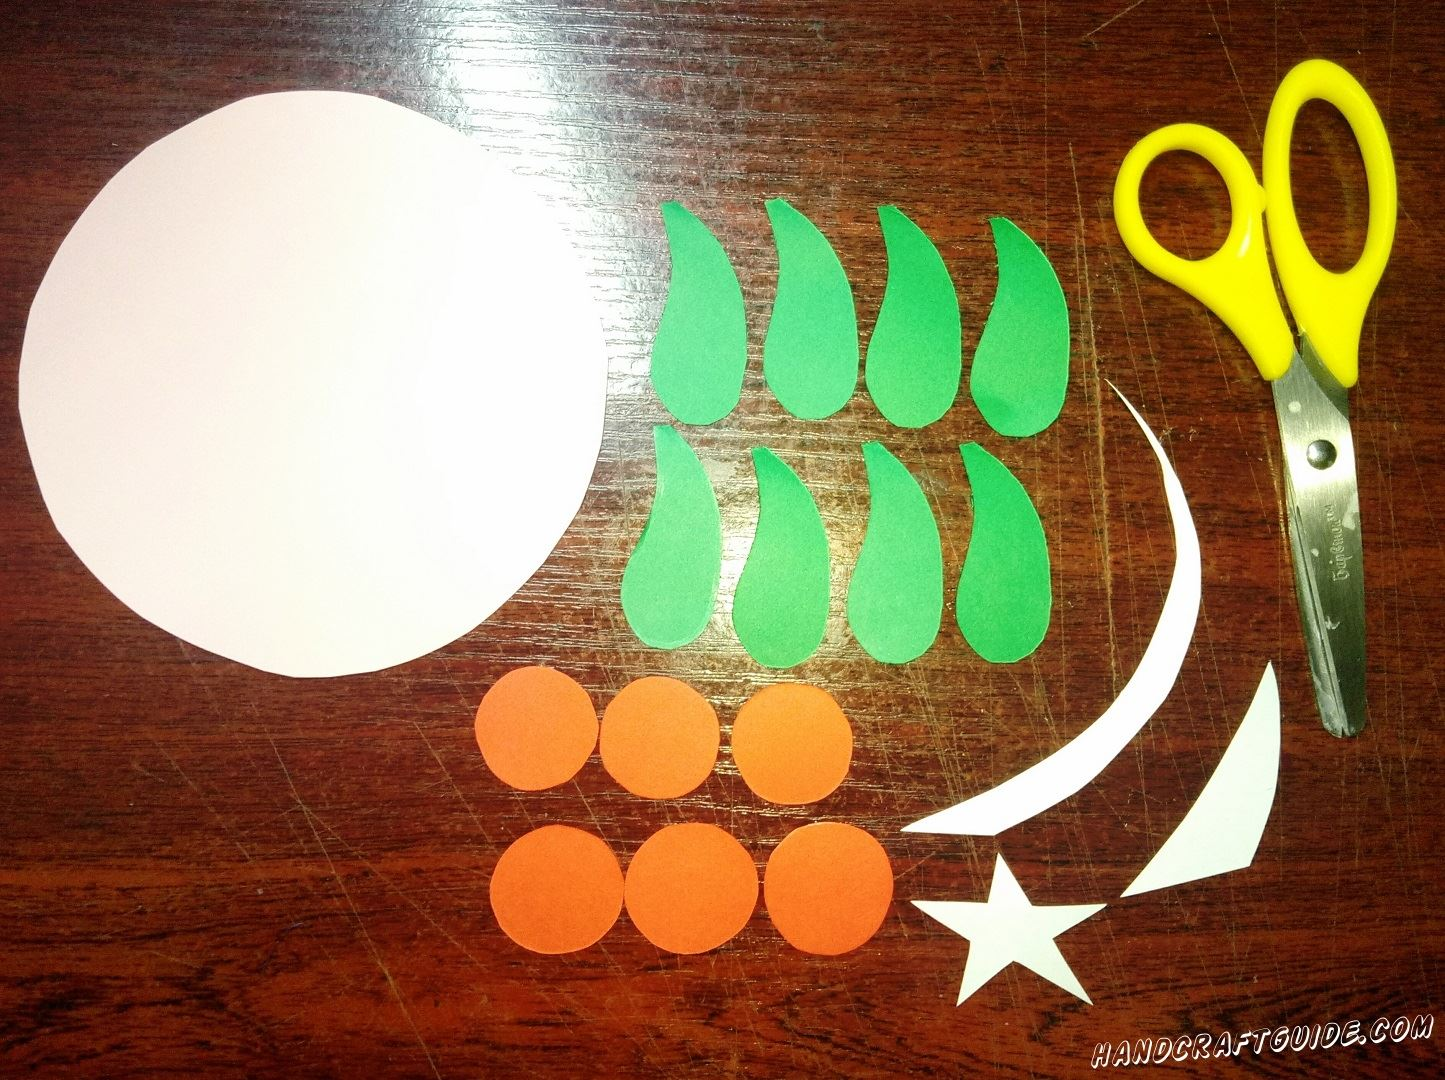 Вырезаем все необходимые бумажные фигурки: большой круг розового цвета, звёздочку и две дуги белого цвета. Также нам нужно вырезать шесть маленьких красных бумажных кружка и восемь зелёных фигурок в форме капли, как показано на фото.